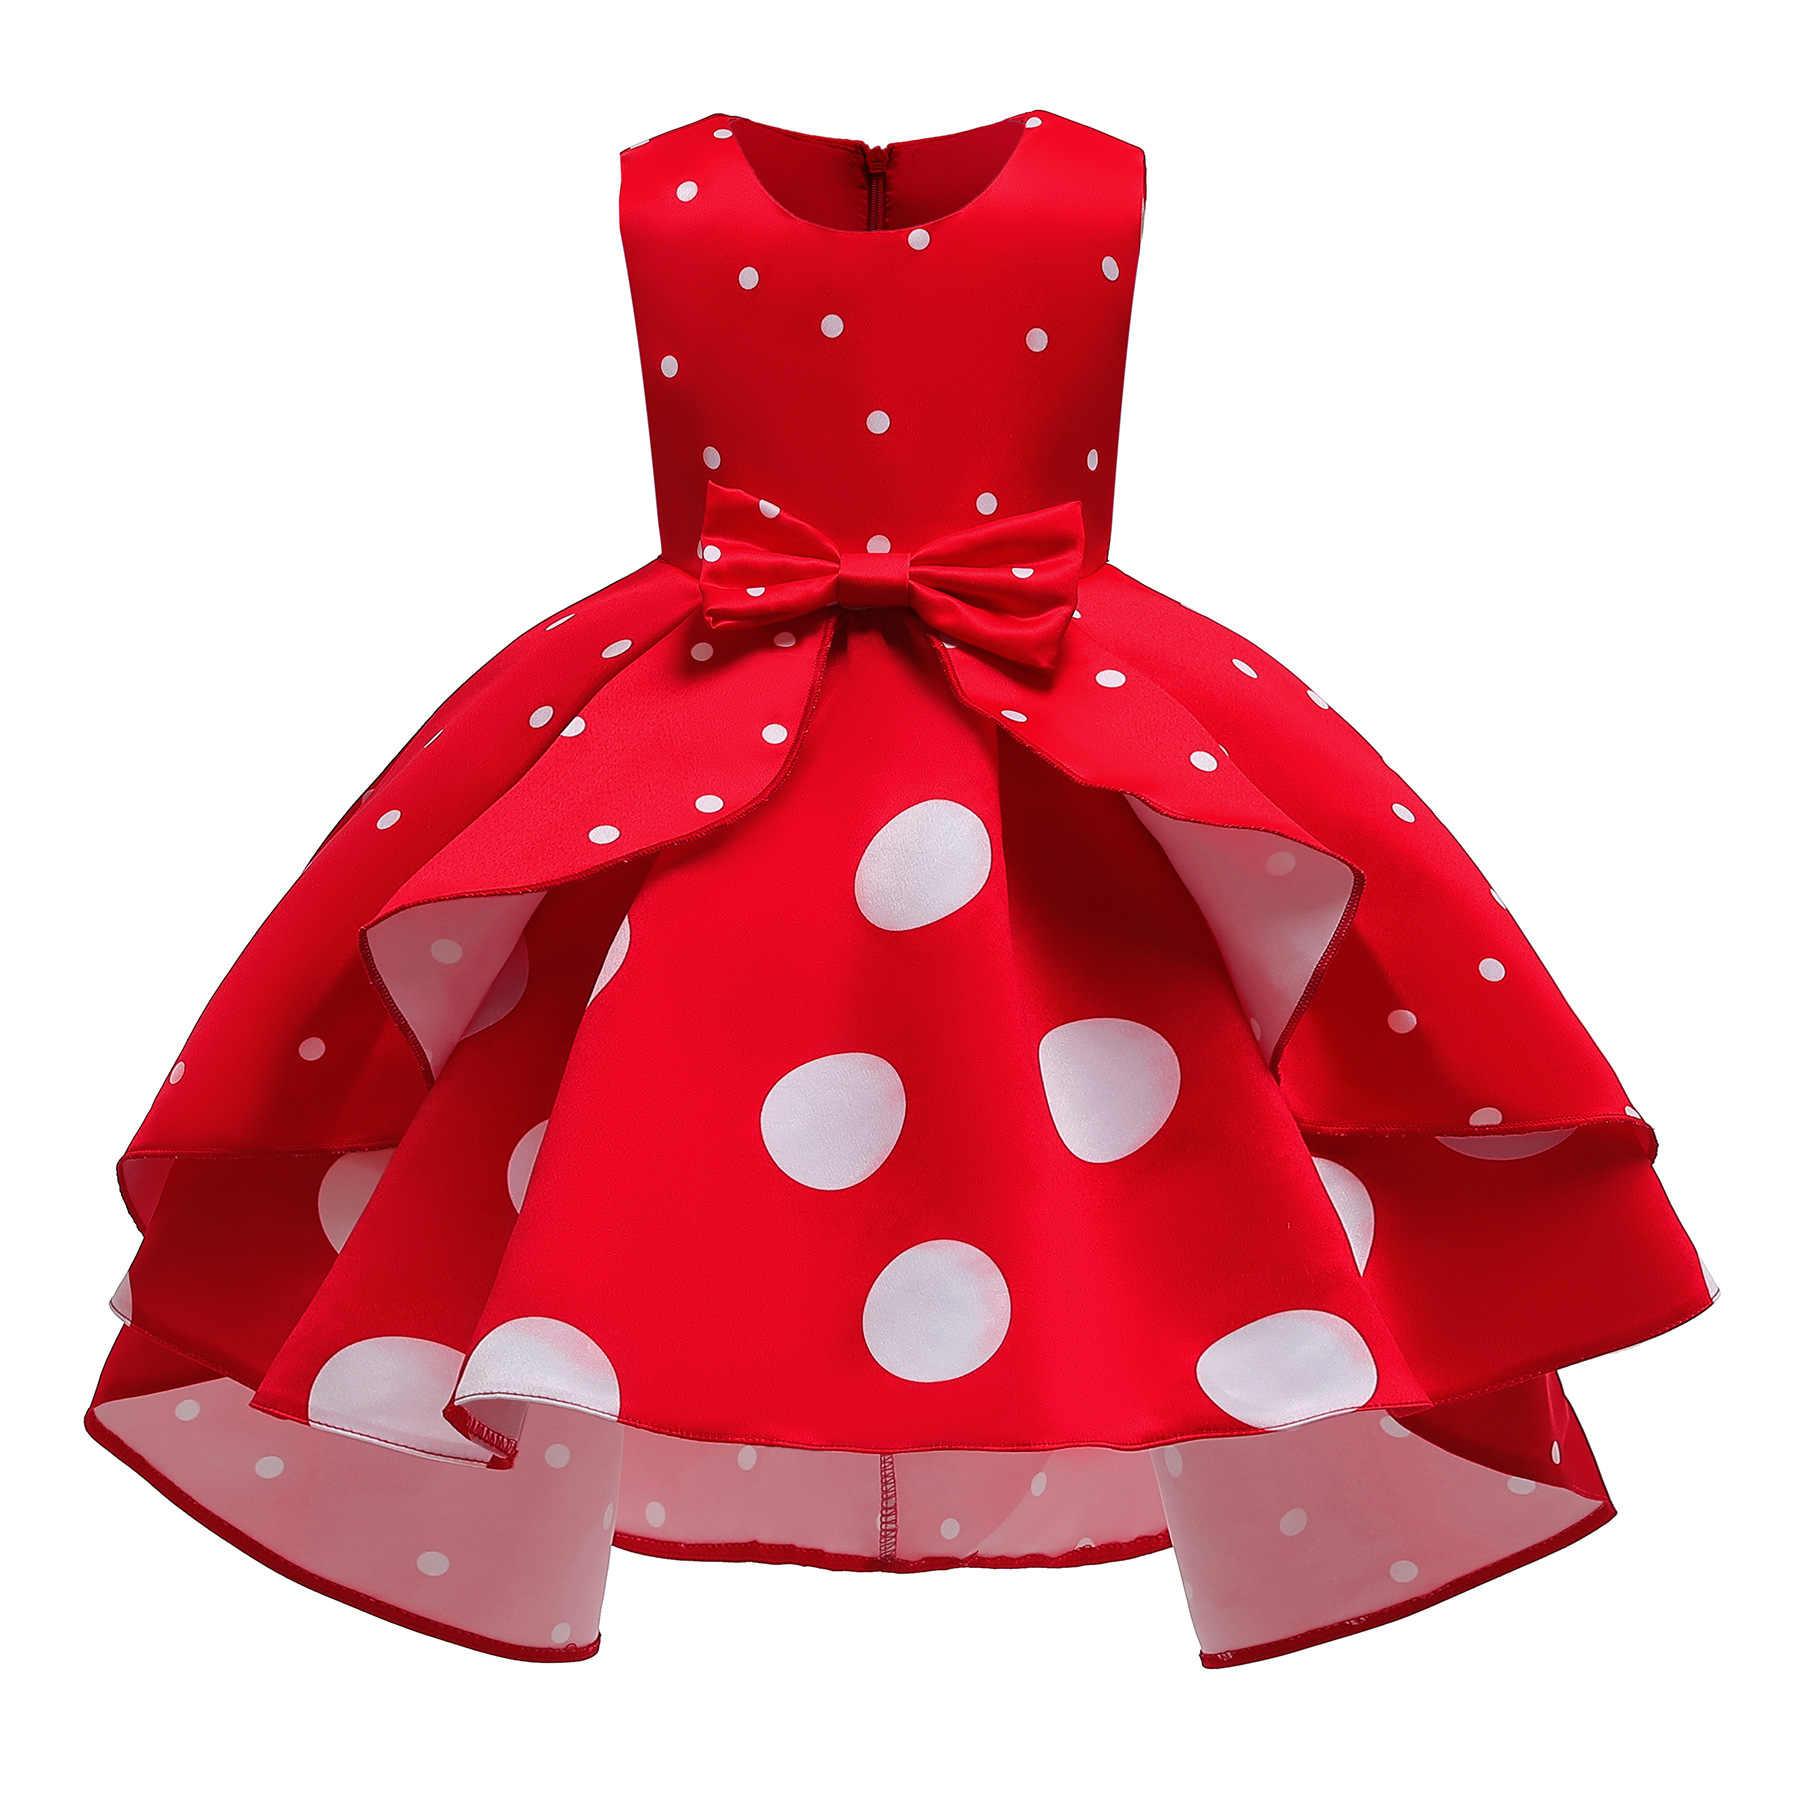 Niñas Vestido Navidad Polka Vestido Princesa Elegante Vestidos Infantiles Para Niñas Carnaval Fiesta Vestido Niños Ropa 2 34 6 8 10 Años